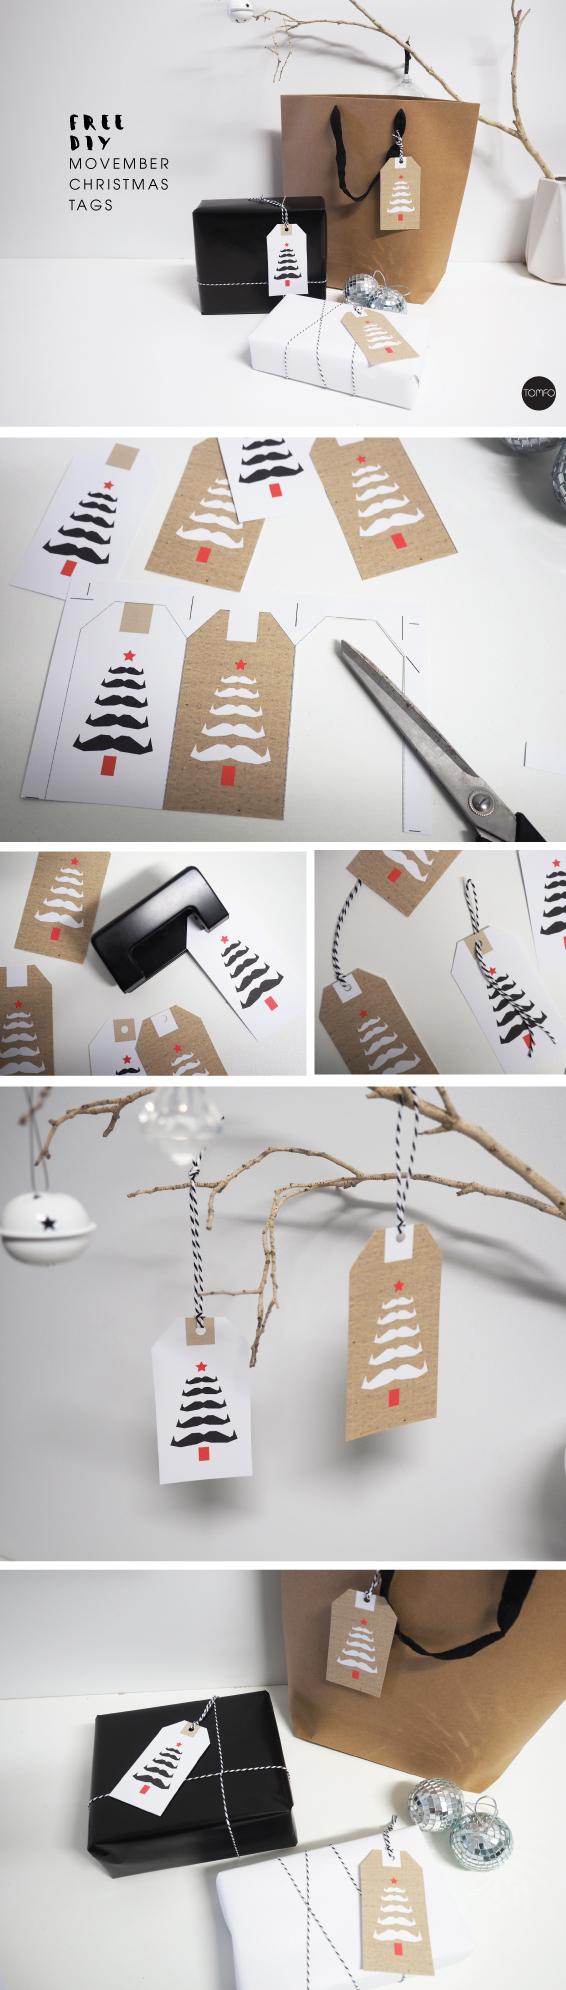 diy-free-movember-gift-tags